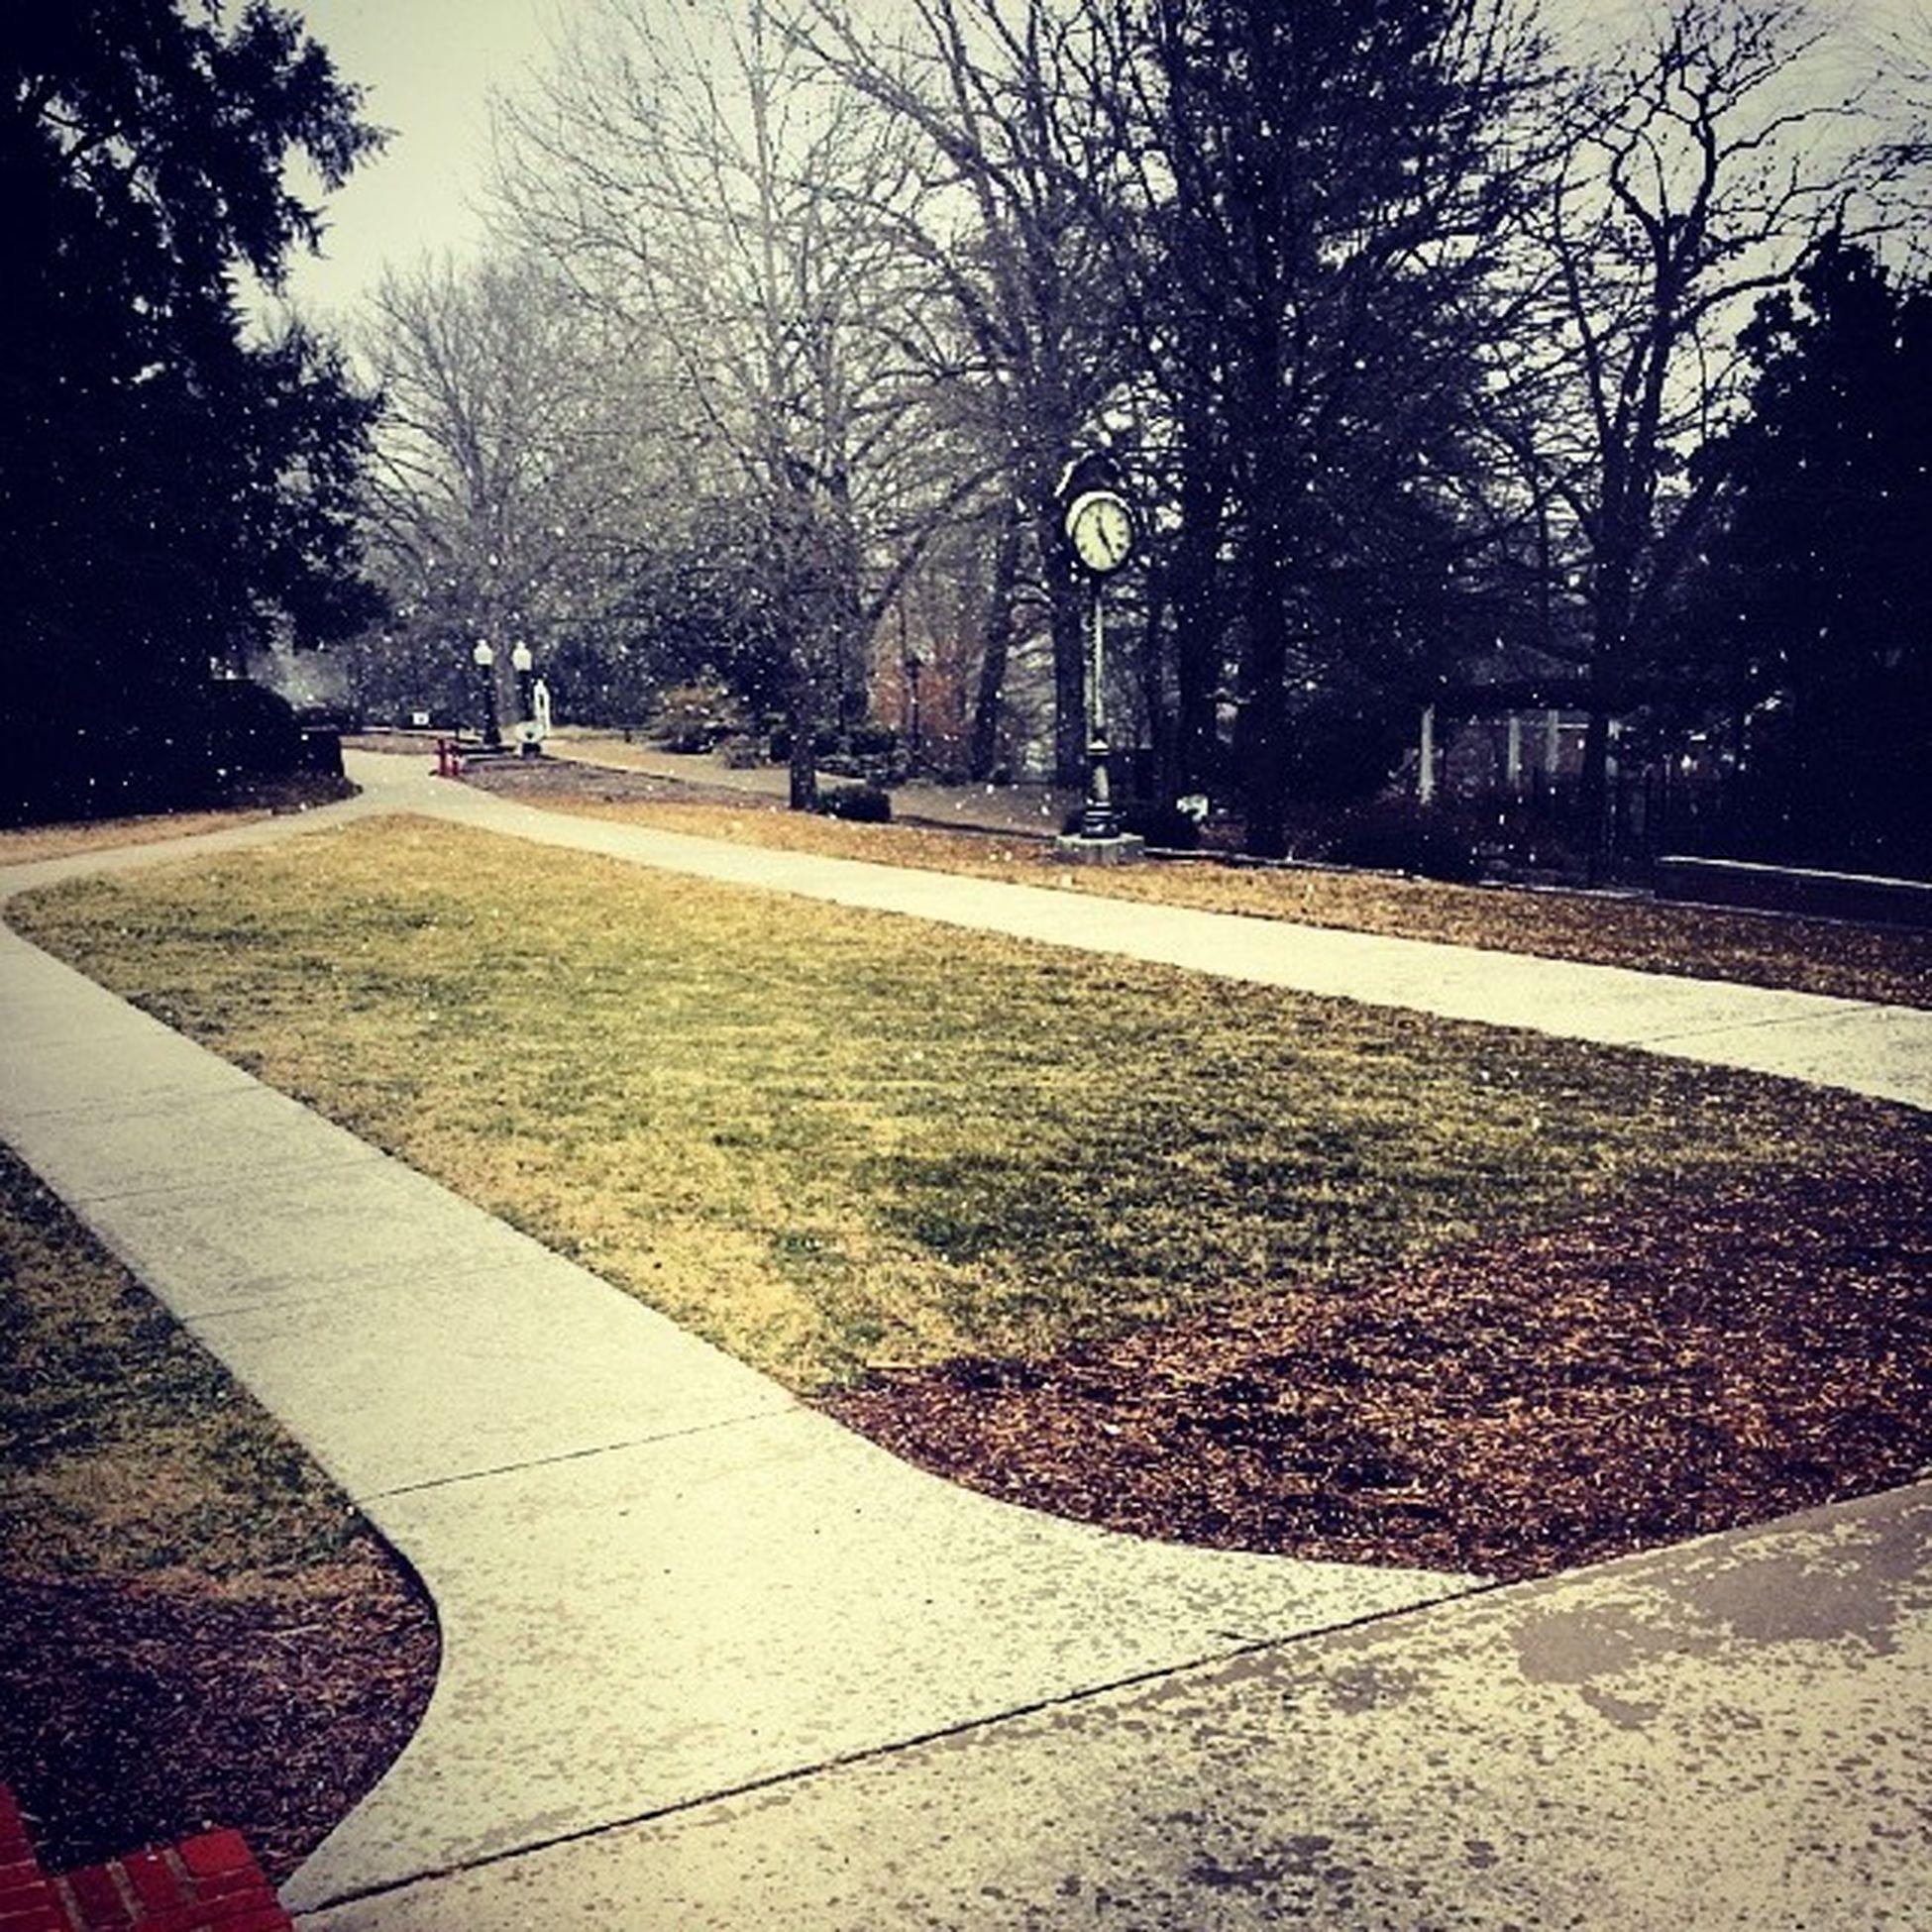 Sau Snowpacalypse part 2?! Saumemories Flurry snow snowing